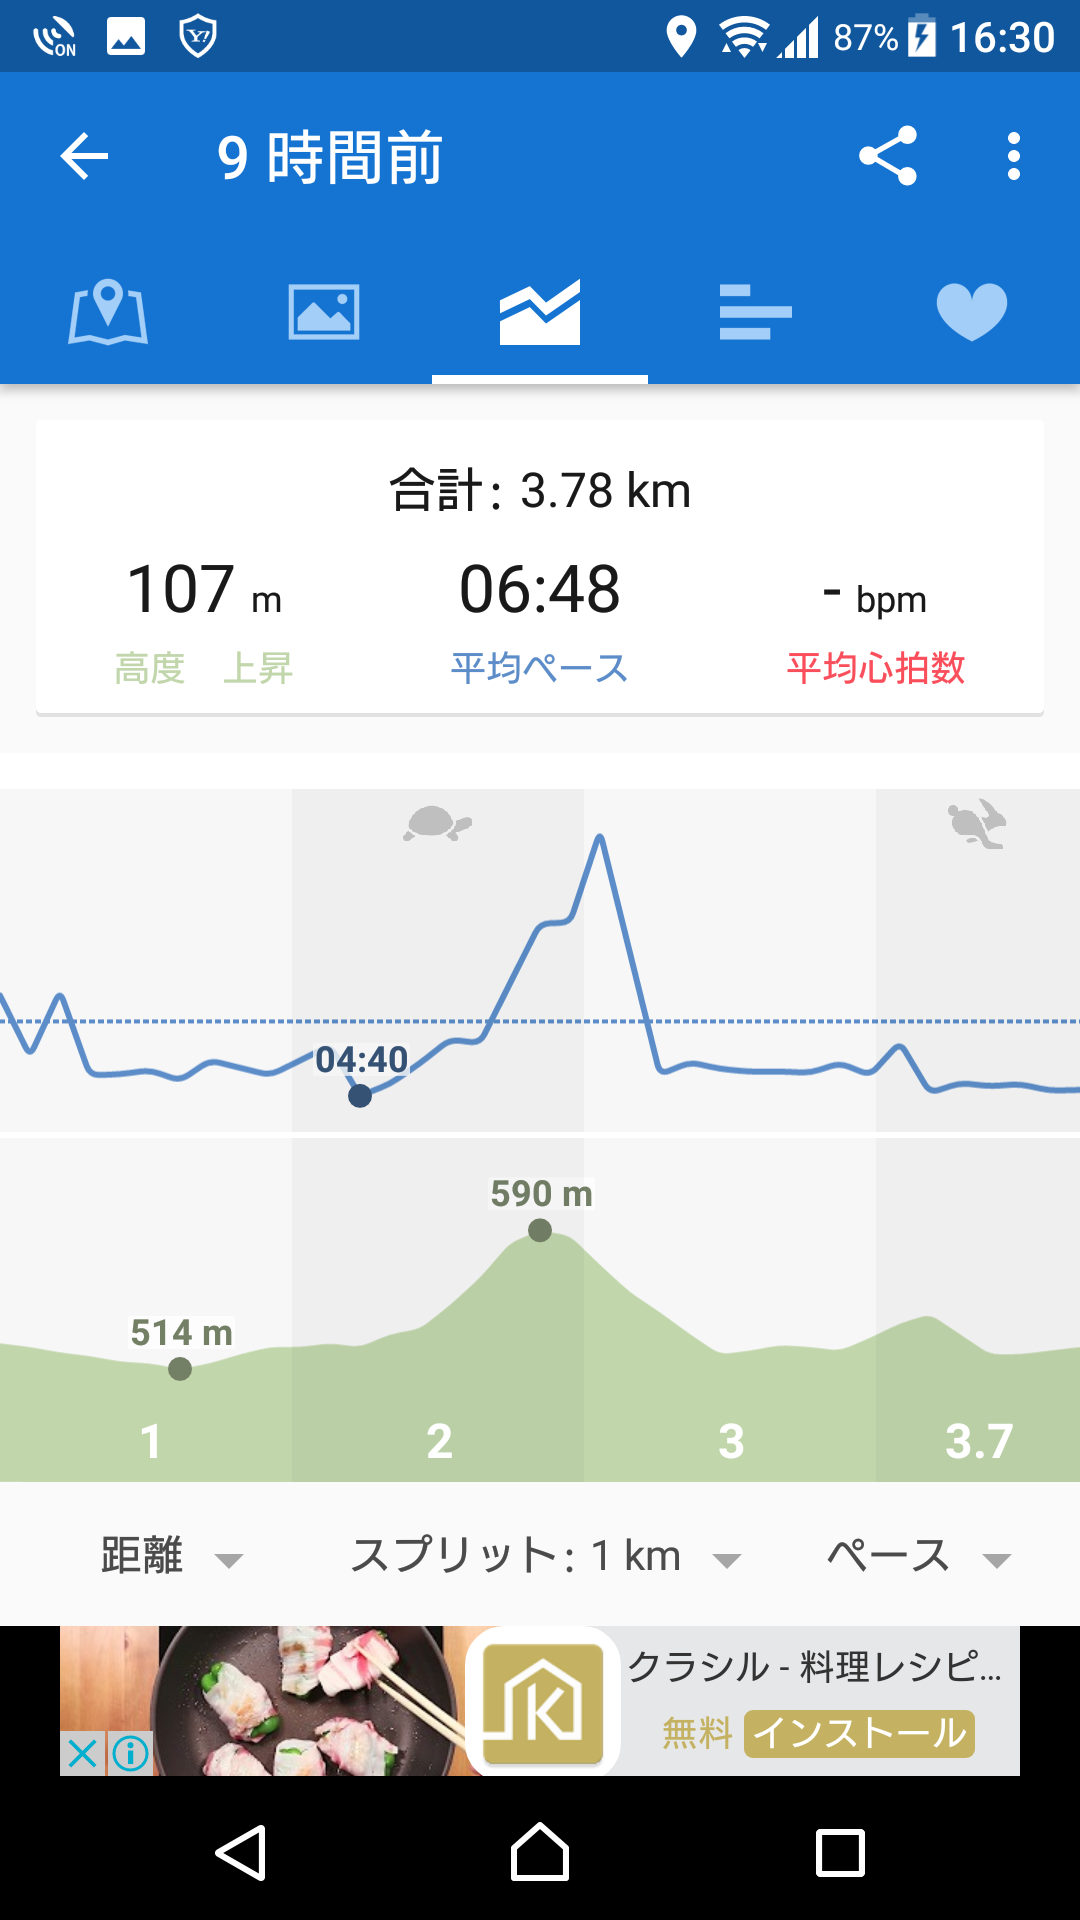 f:id:ynakayama27:20170528164738p:plain